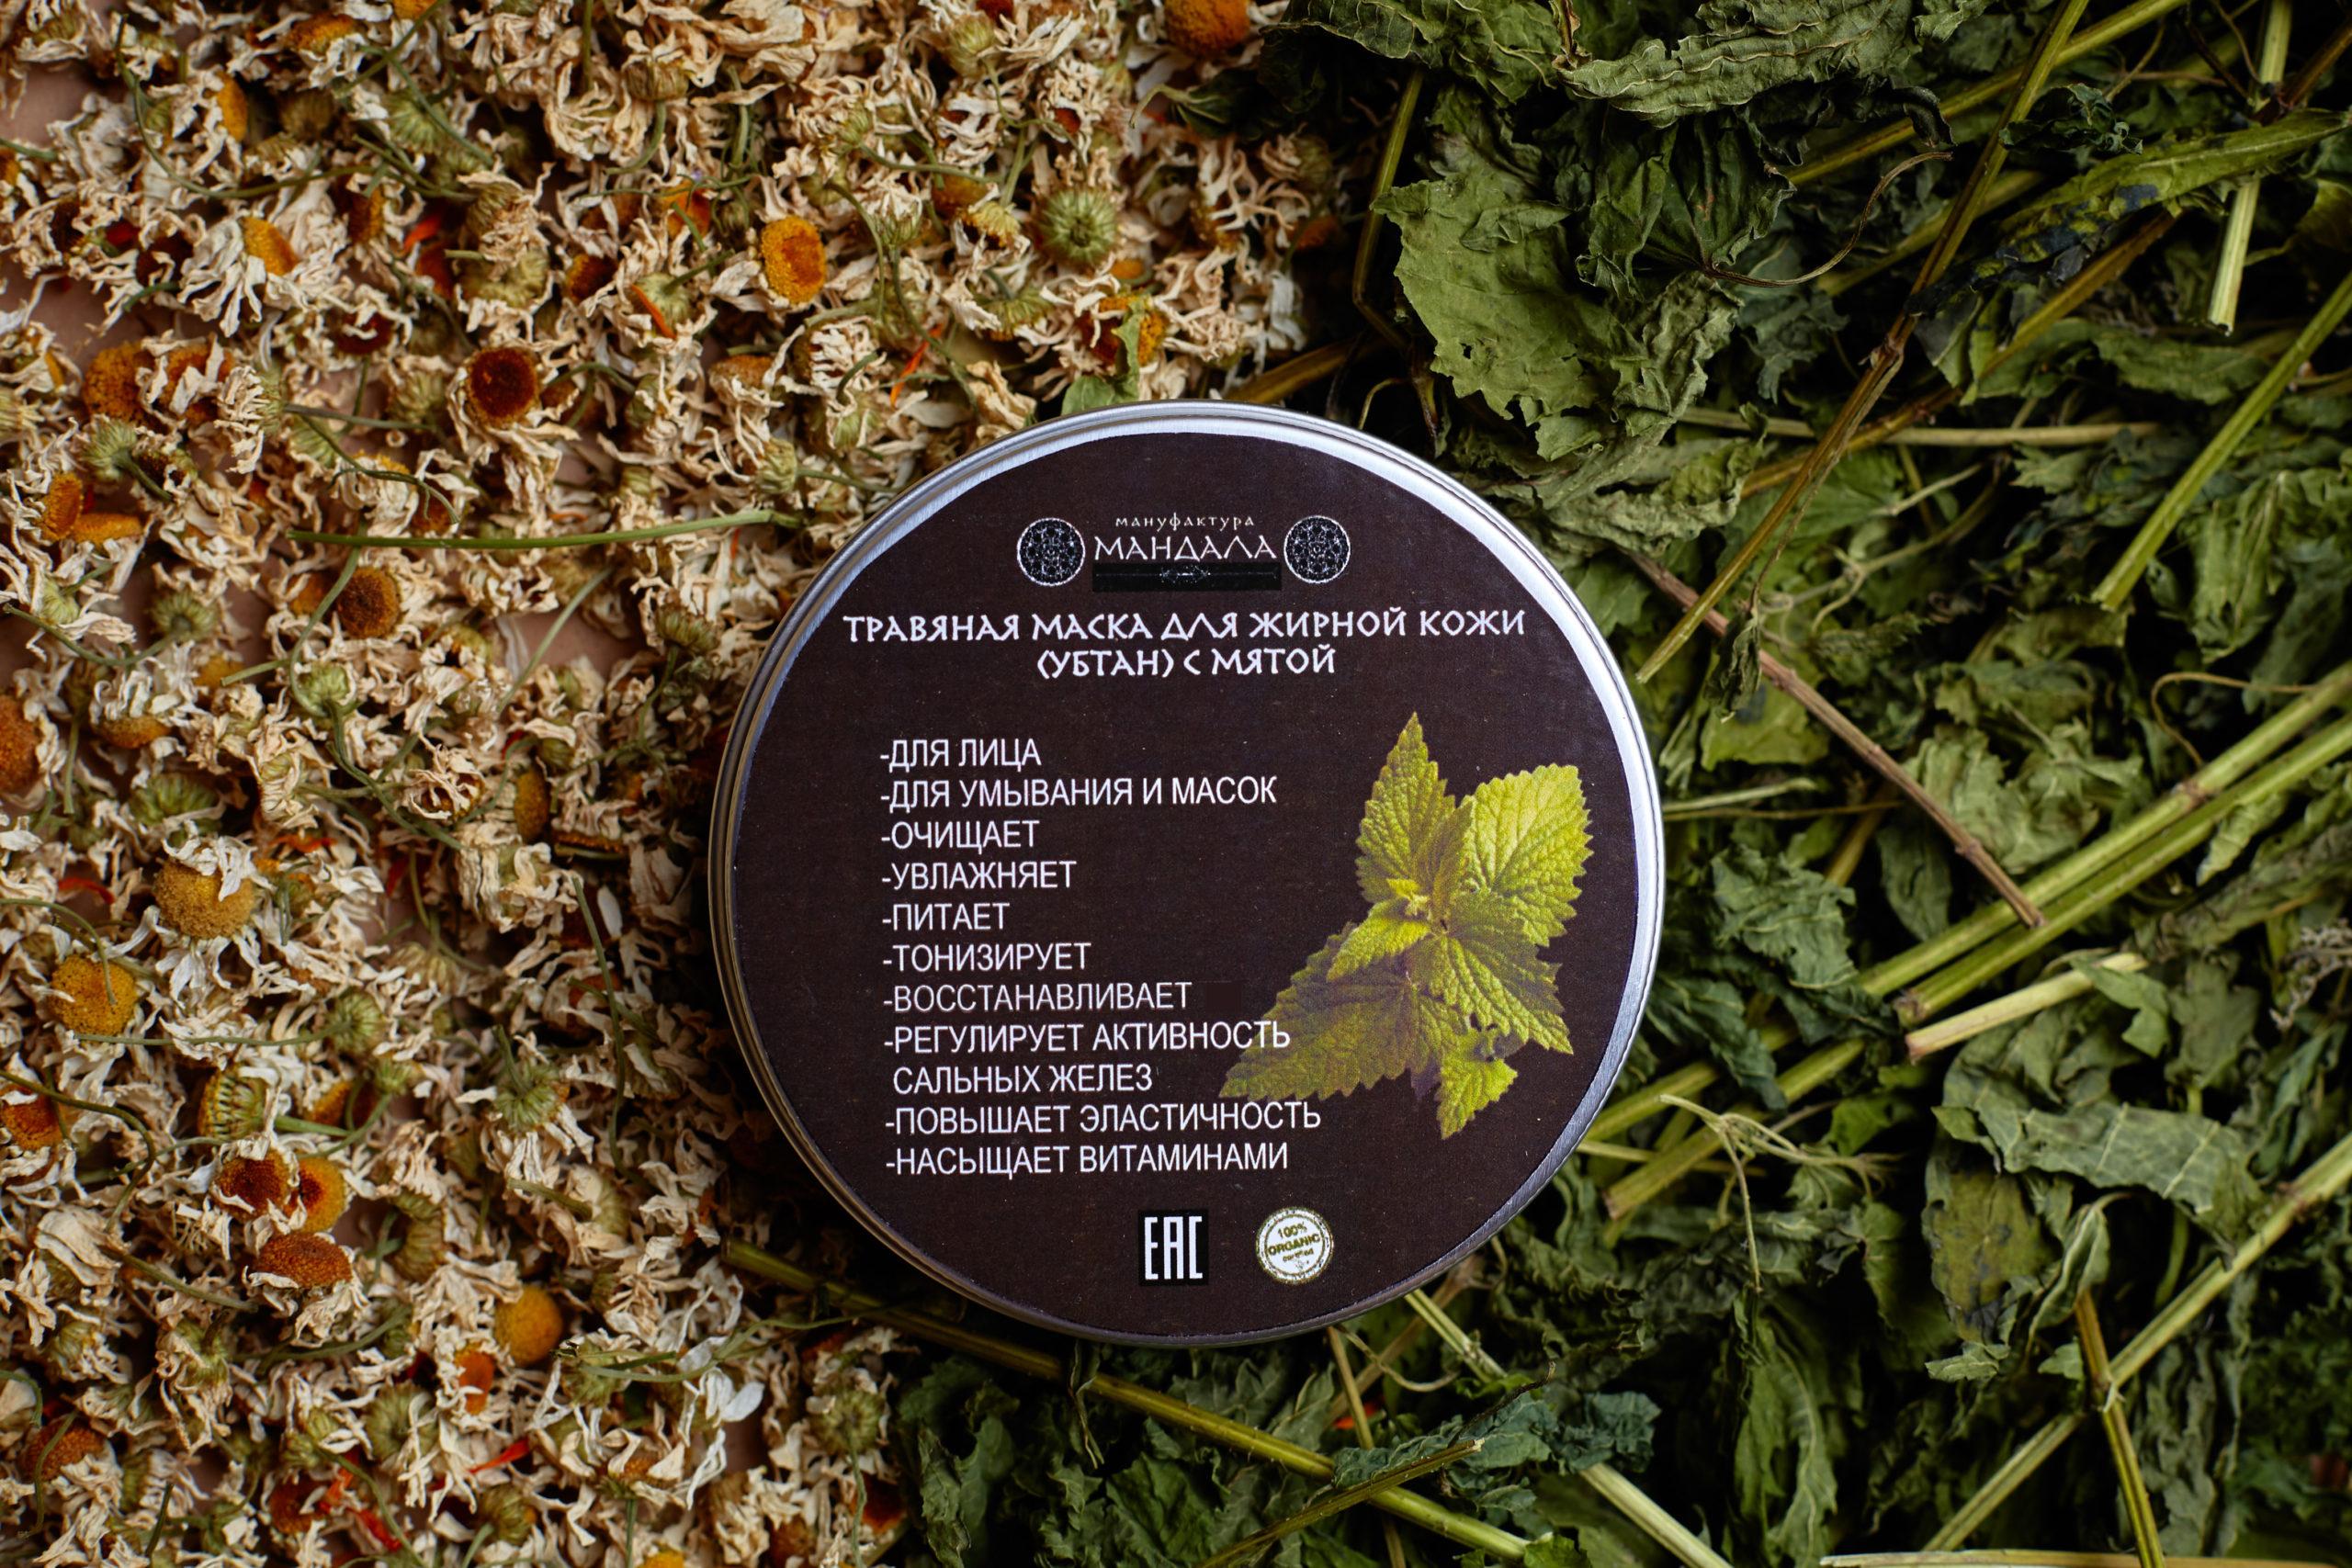 травяная маска (убтан) для жирного типа кожи мануфактура Мандала